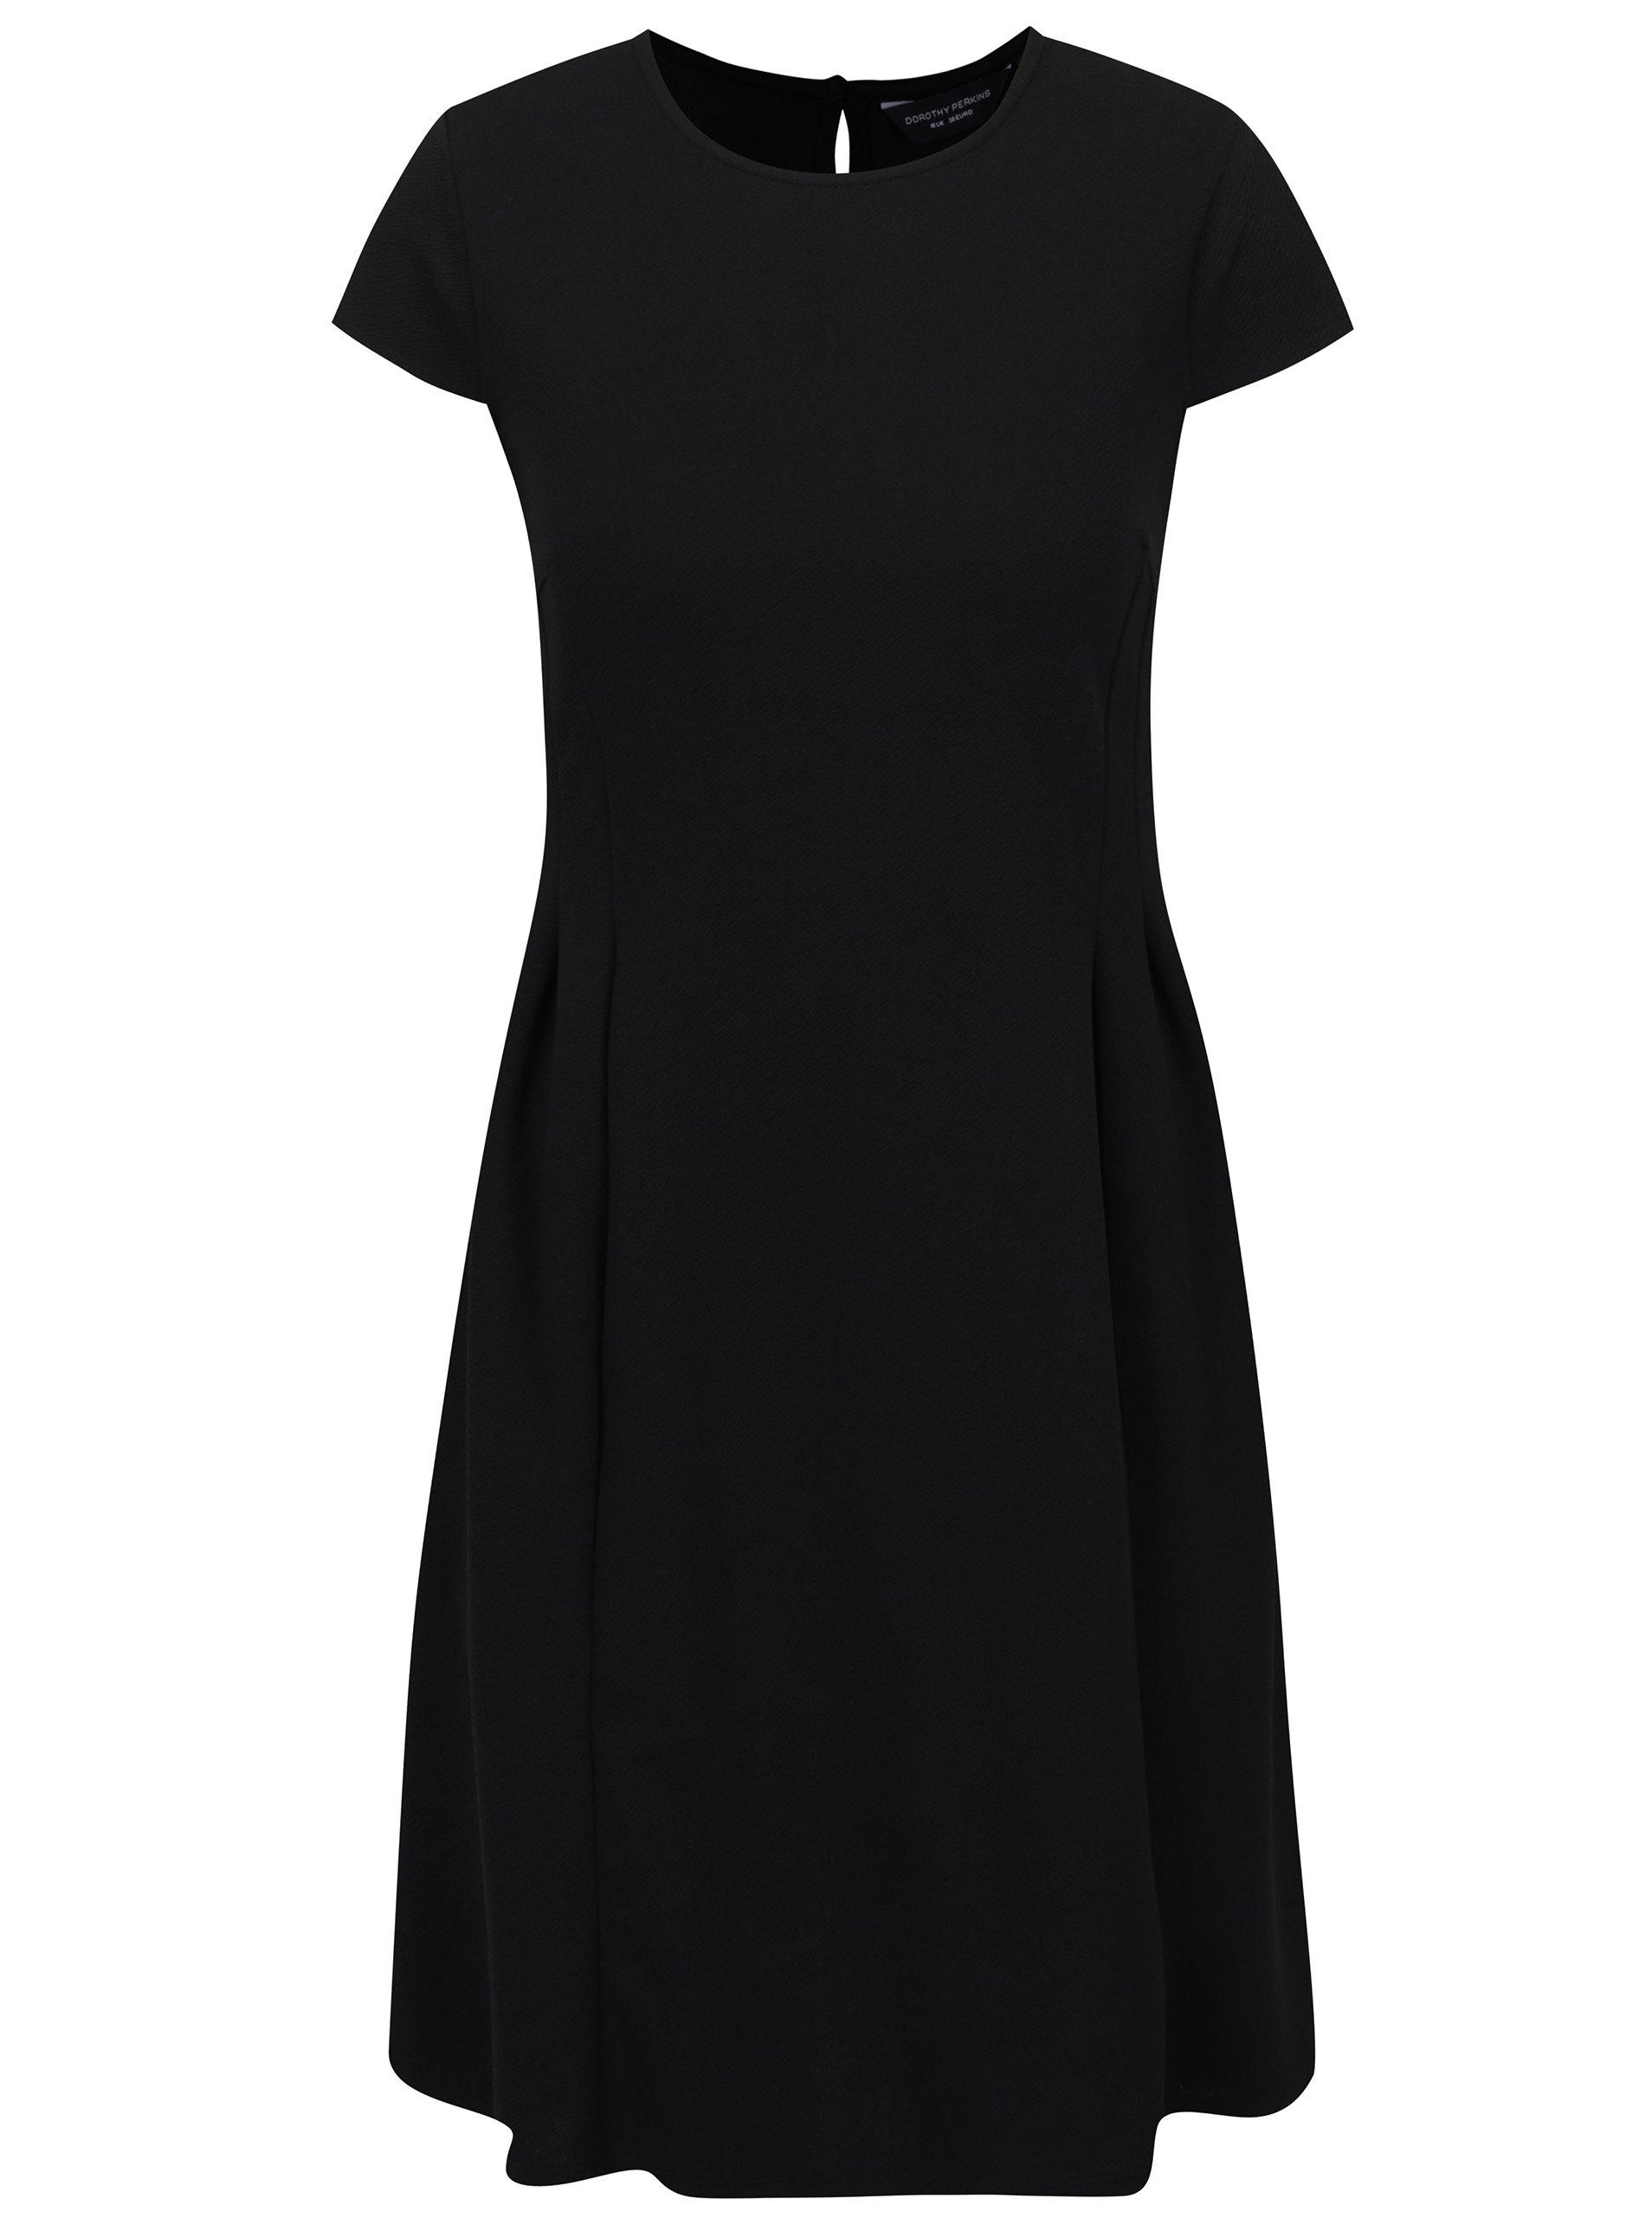 6a9109db1fdb Čierne áčkové šaty s riasením Dorothy Perkins